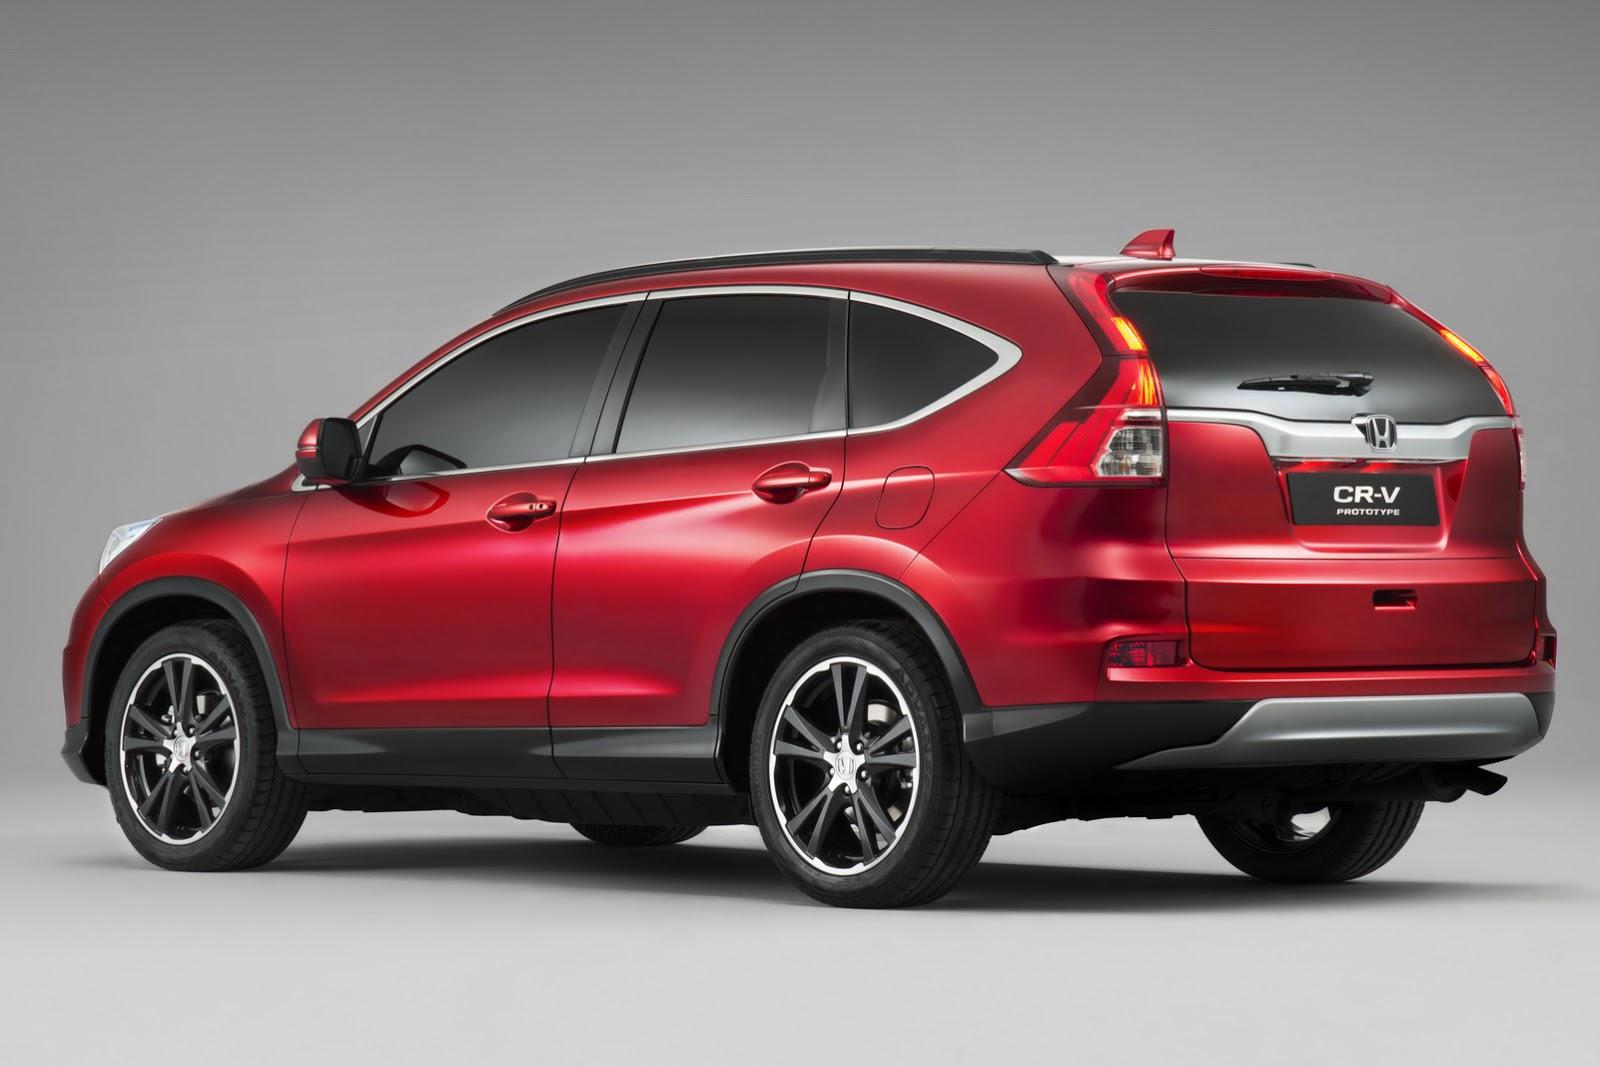 2015-Honda-CR-V-Facelift-Europe-1 (1)